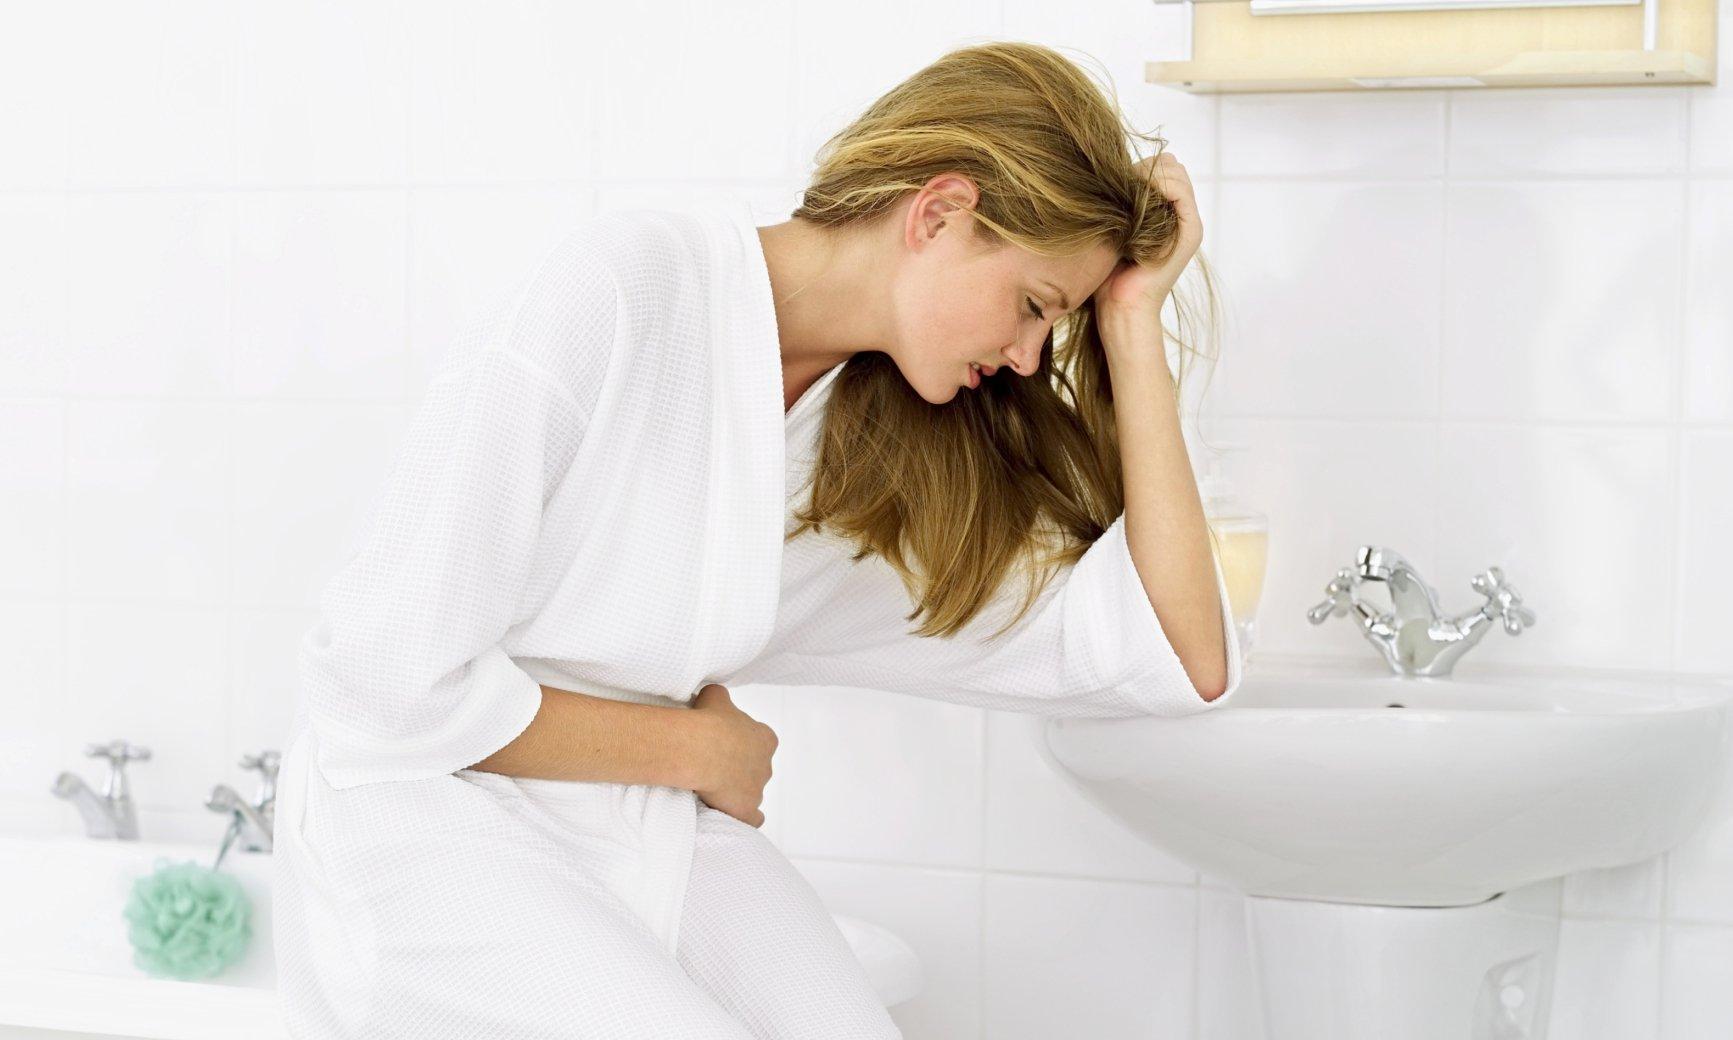 Đi tiểu (đái) buốt là bệnh gì? Dấu hiệu ở nam và nữ giới